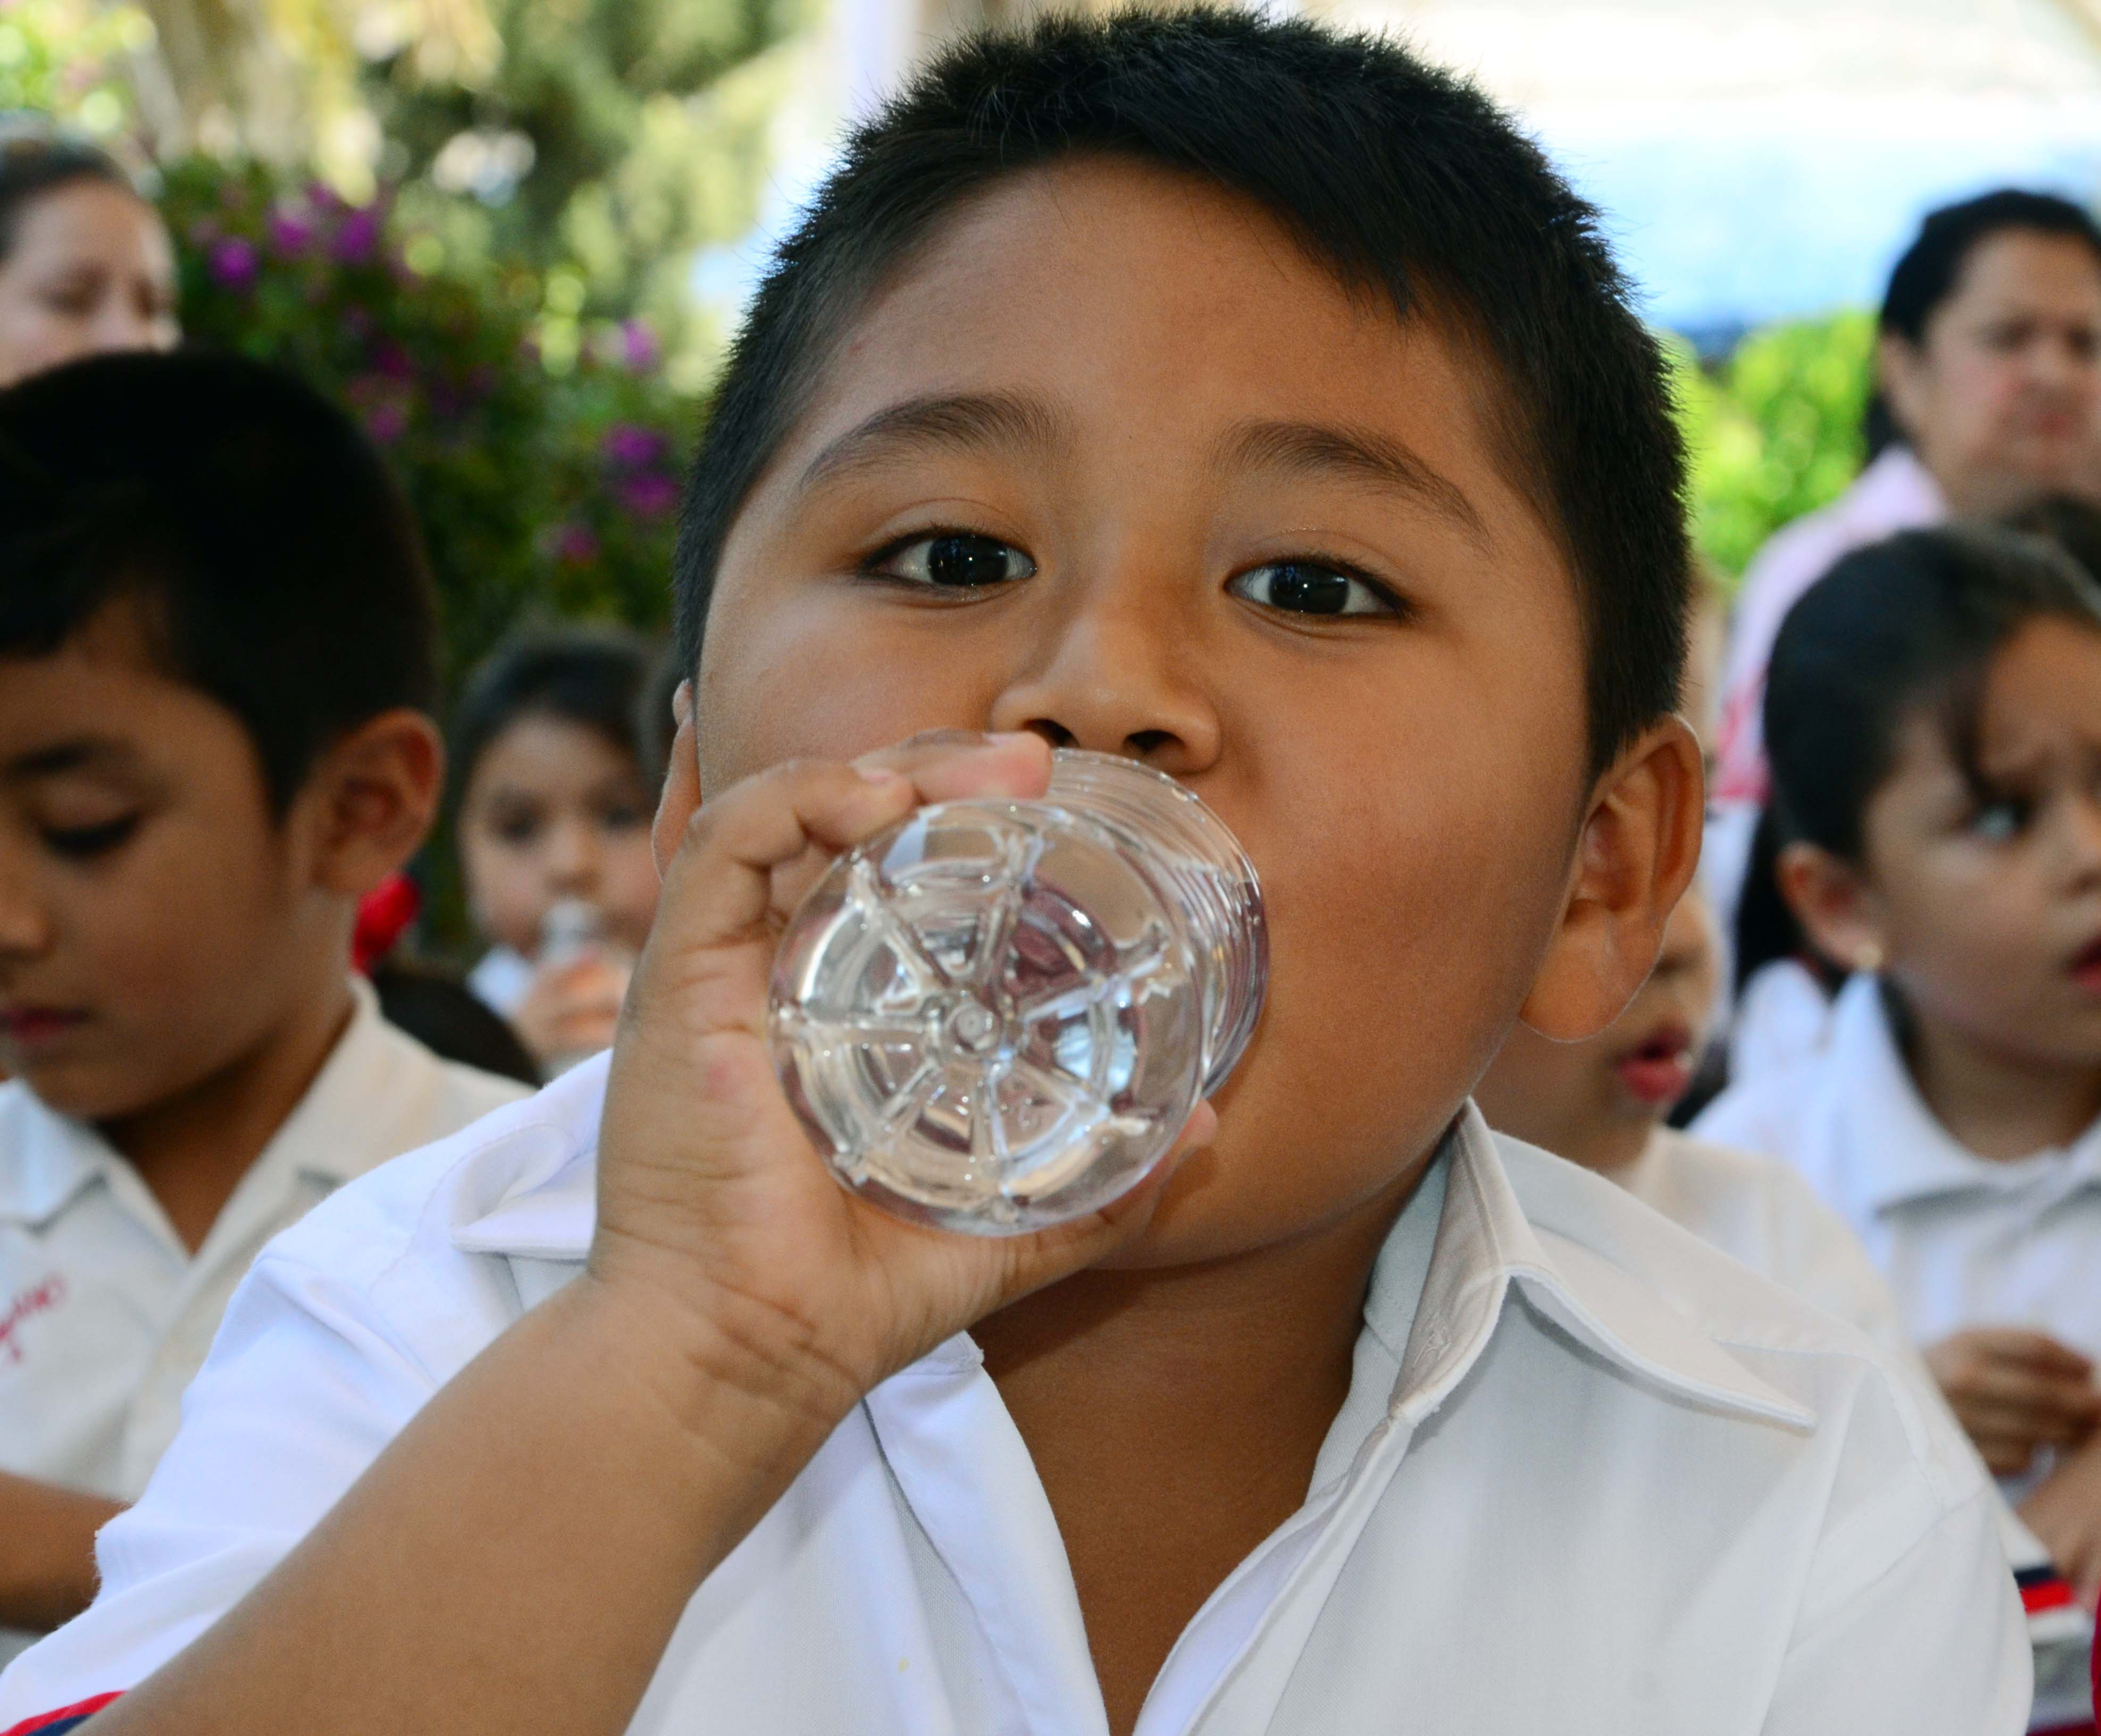 Sobrepeso, obesidad, cáncer y enfermedades respiratorias son los padecimientos más comunes en población infantil.